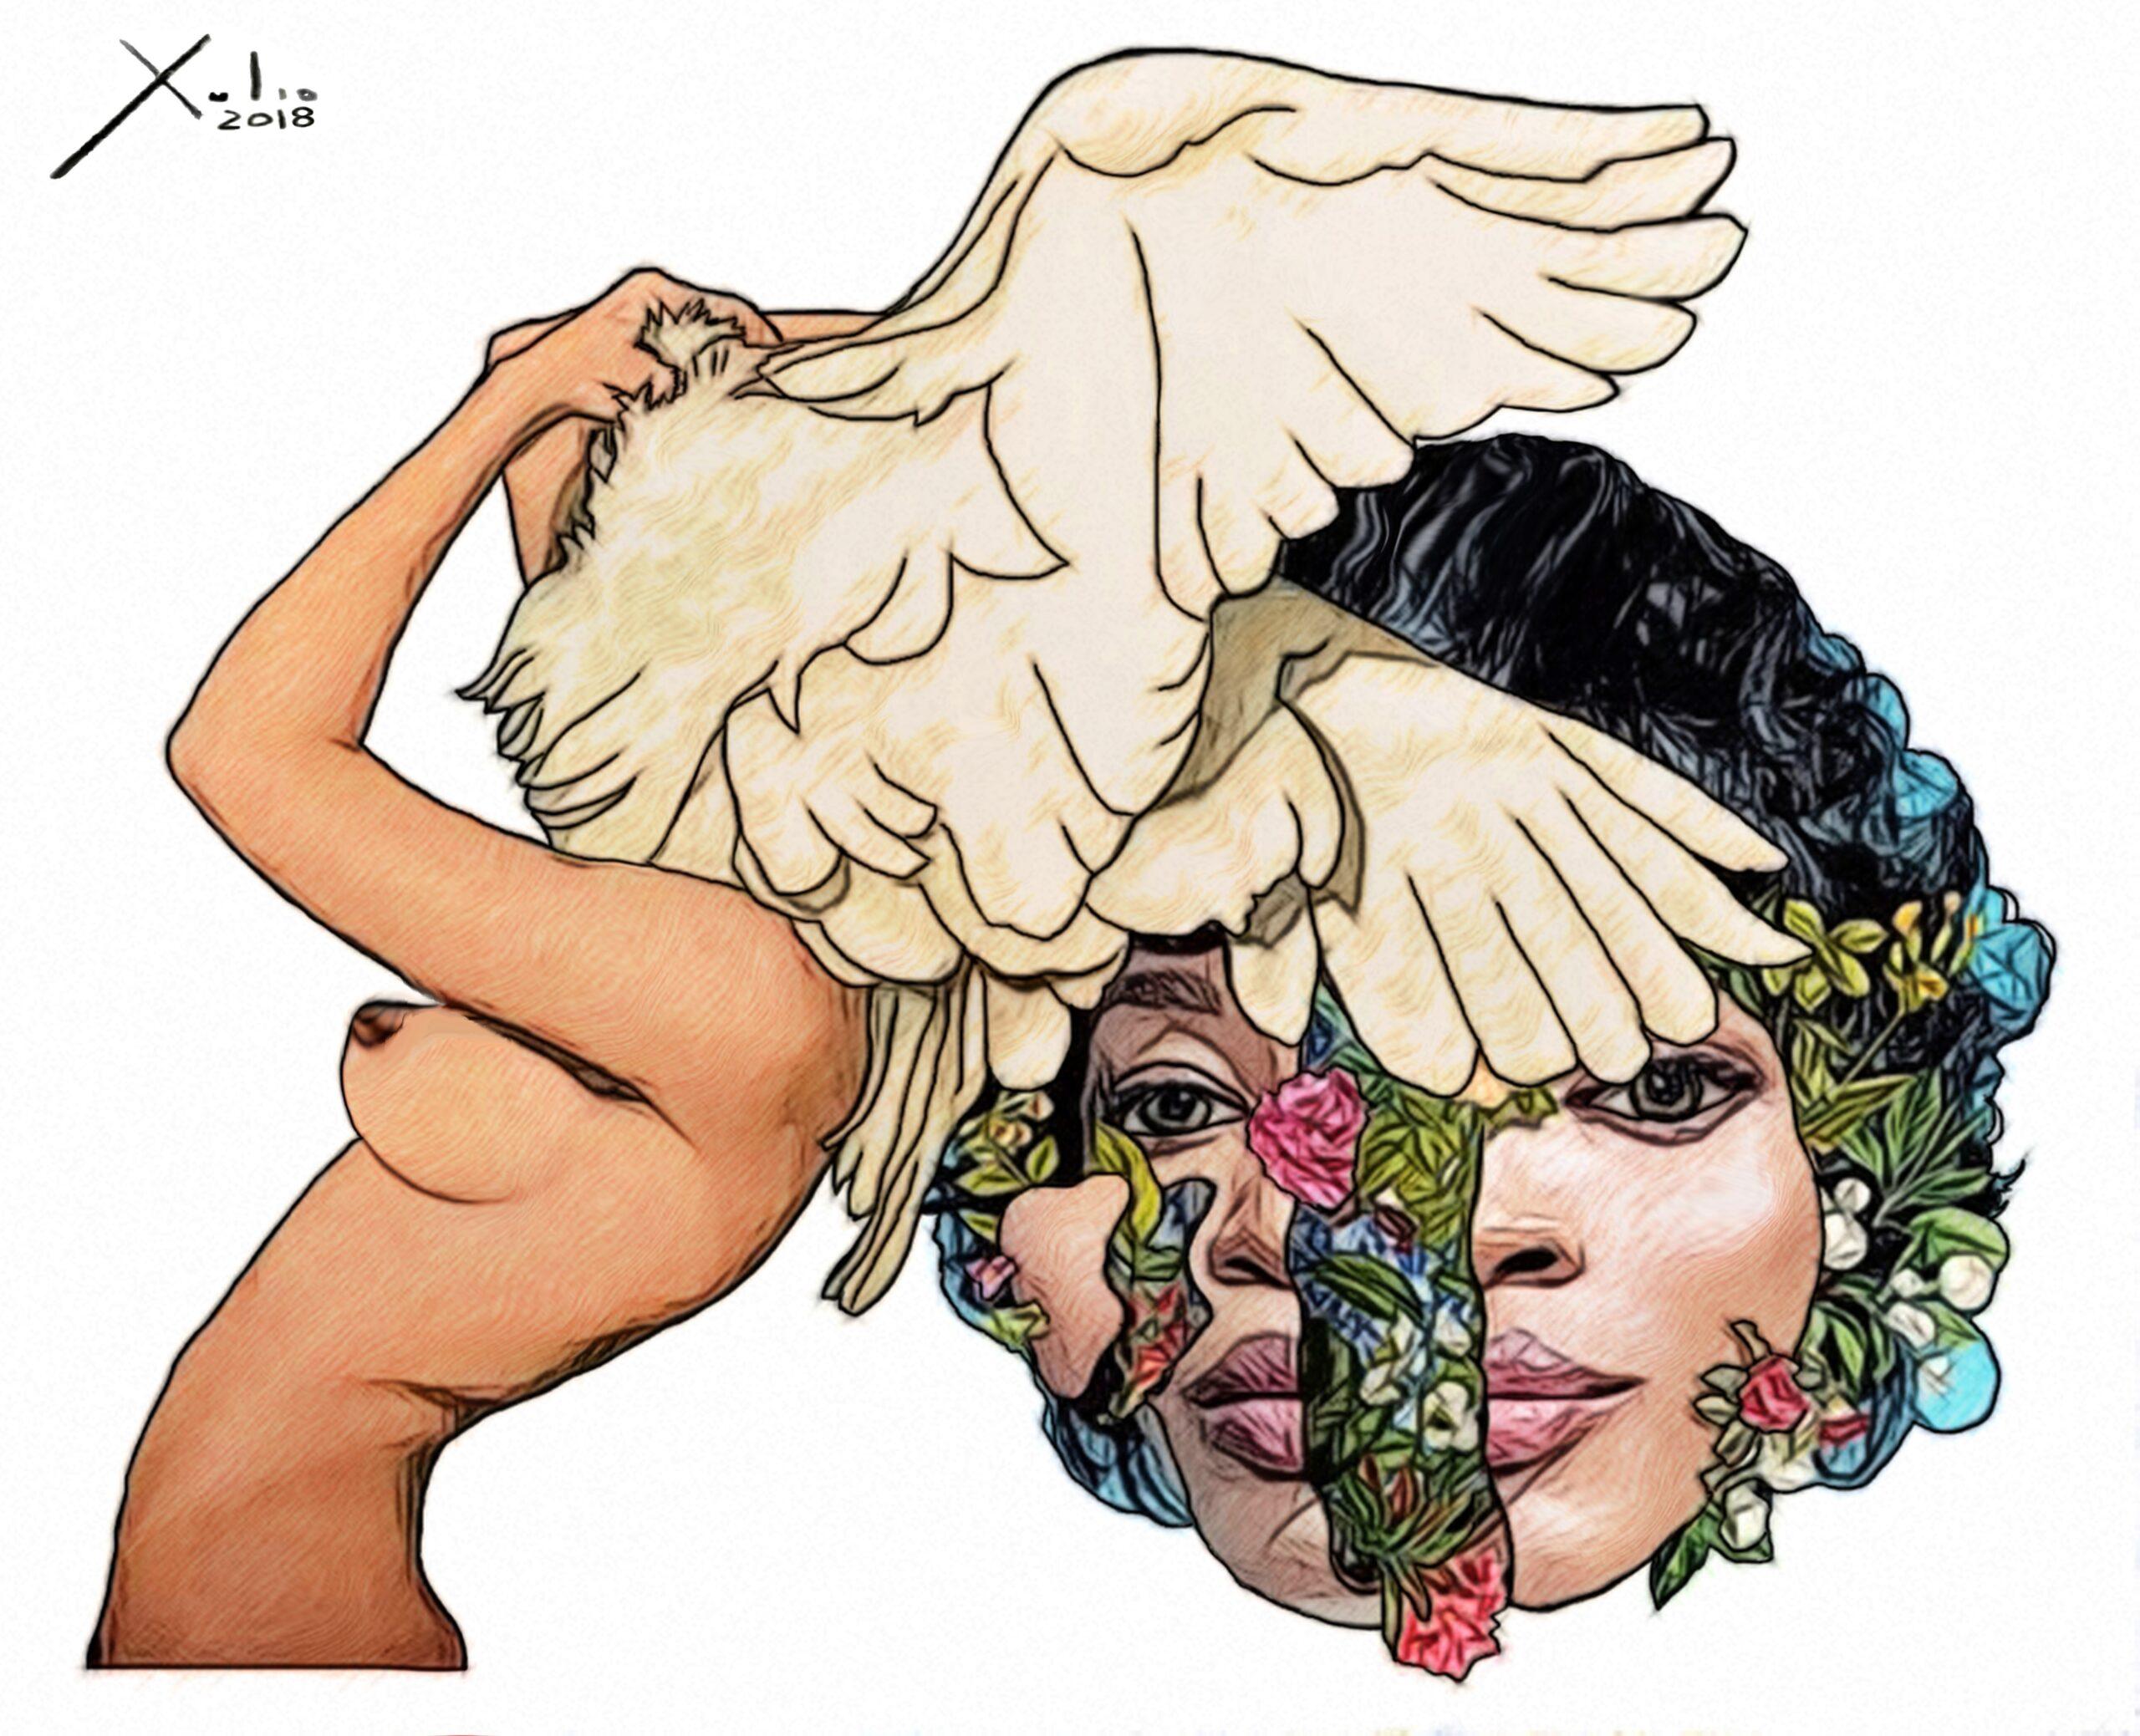 ¿Sentir o pensar, en la conciencia del ser? – Por Iván Padilla Bravo